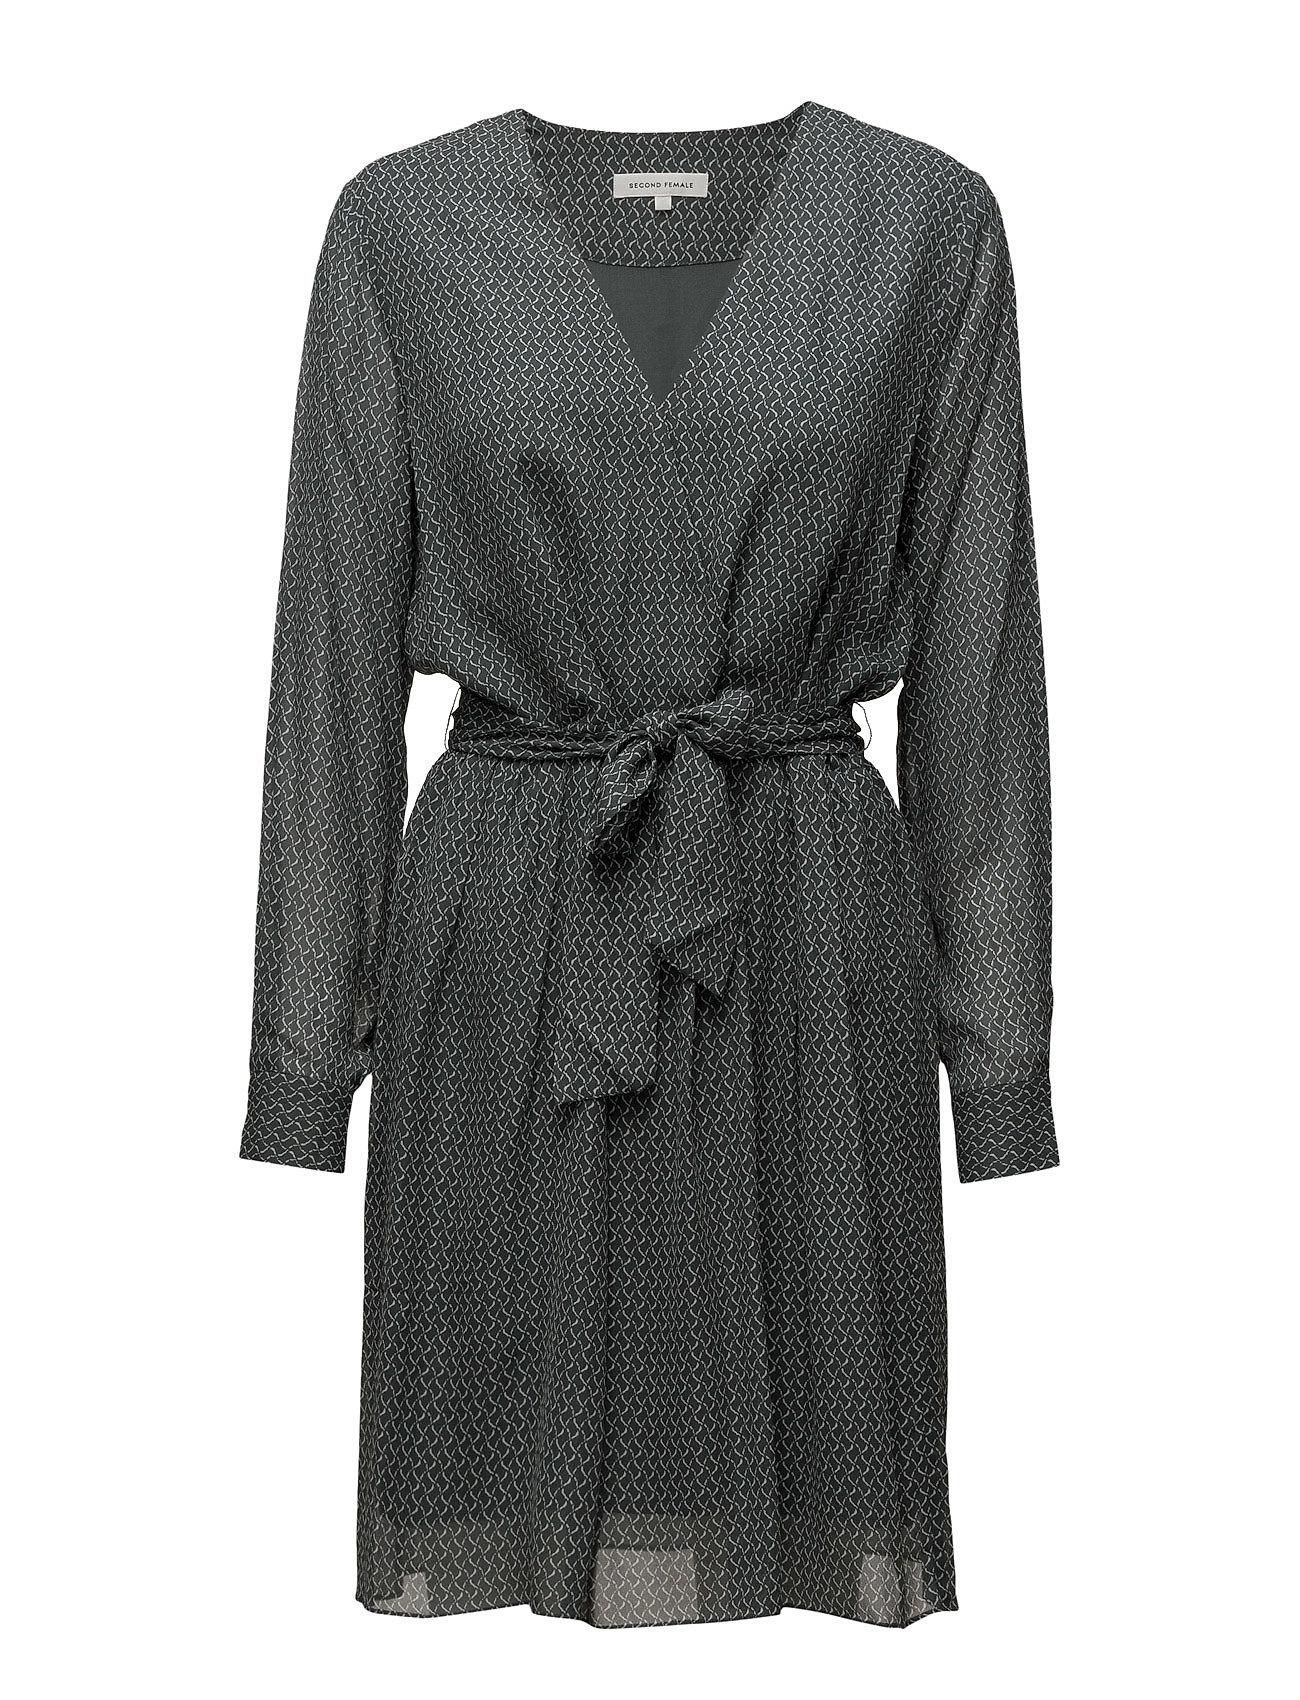 Story Dress Second Female Korte kjoler til Damer i Cypress AOP